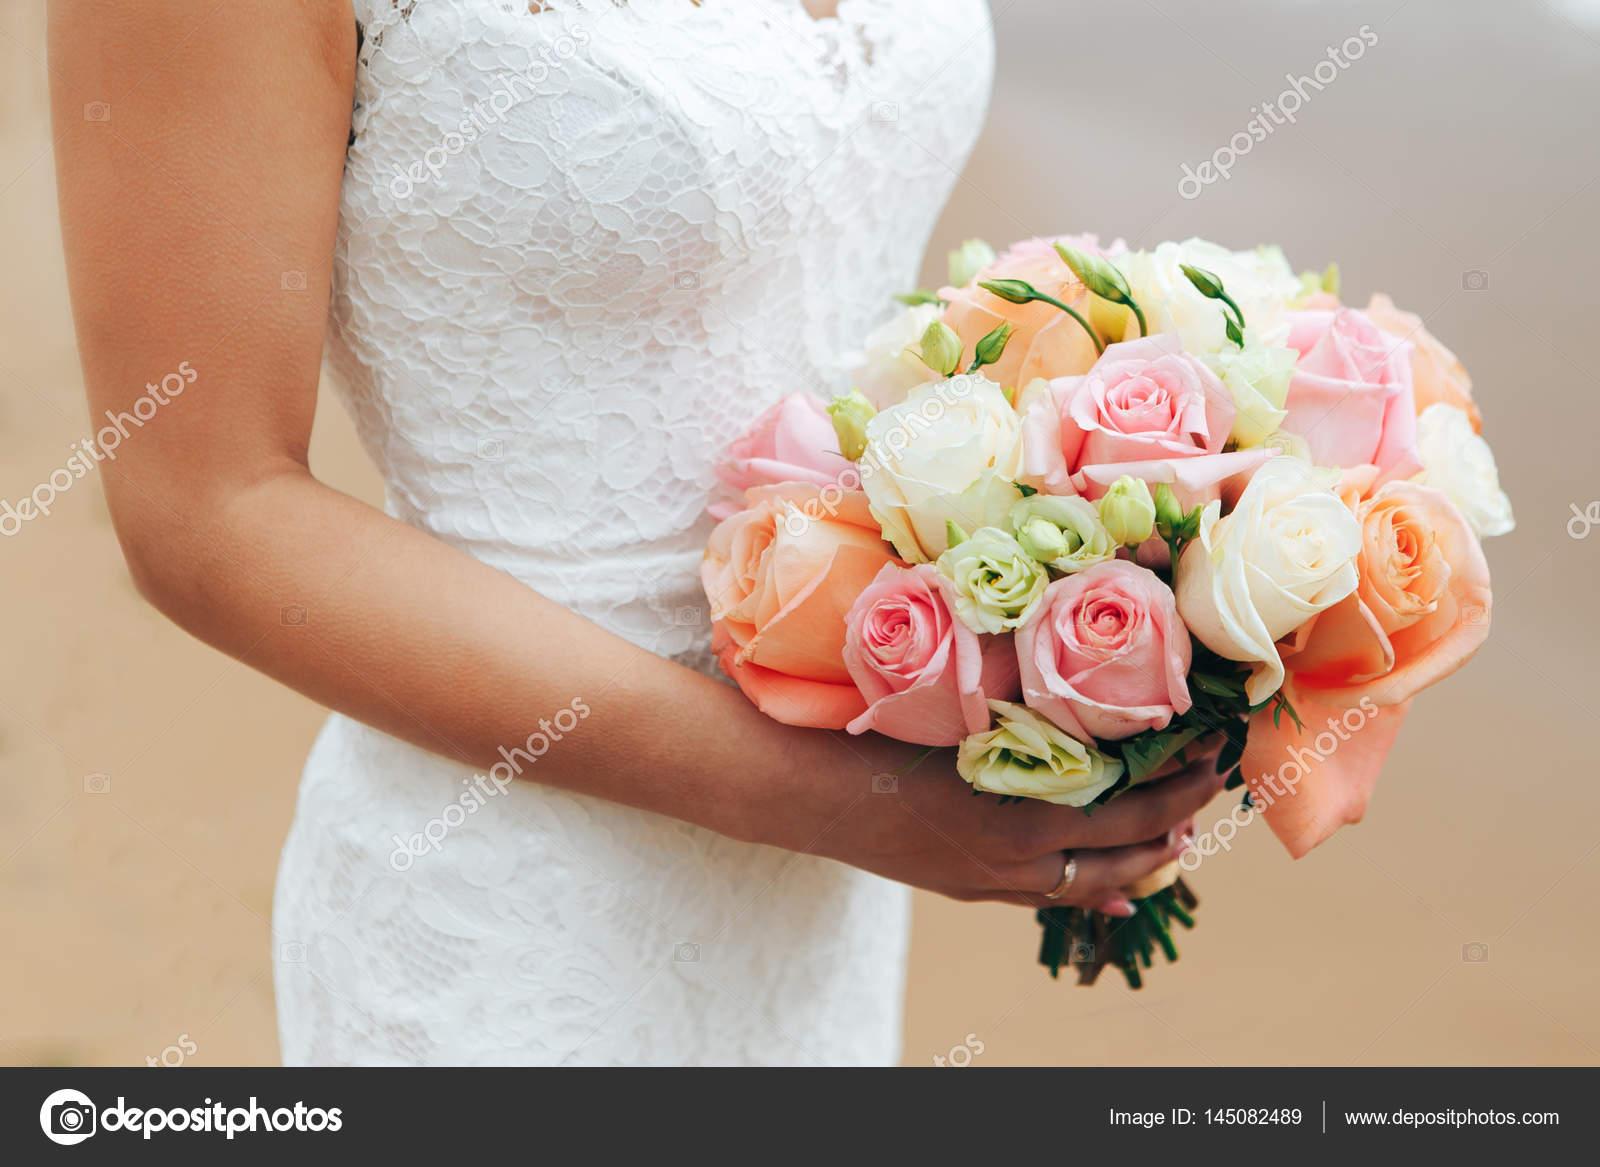 Hochzeitsstrauss In Die Hande Der Braut Stockfoto C Yavlonin 145082489